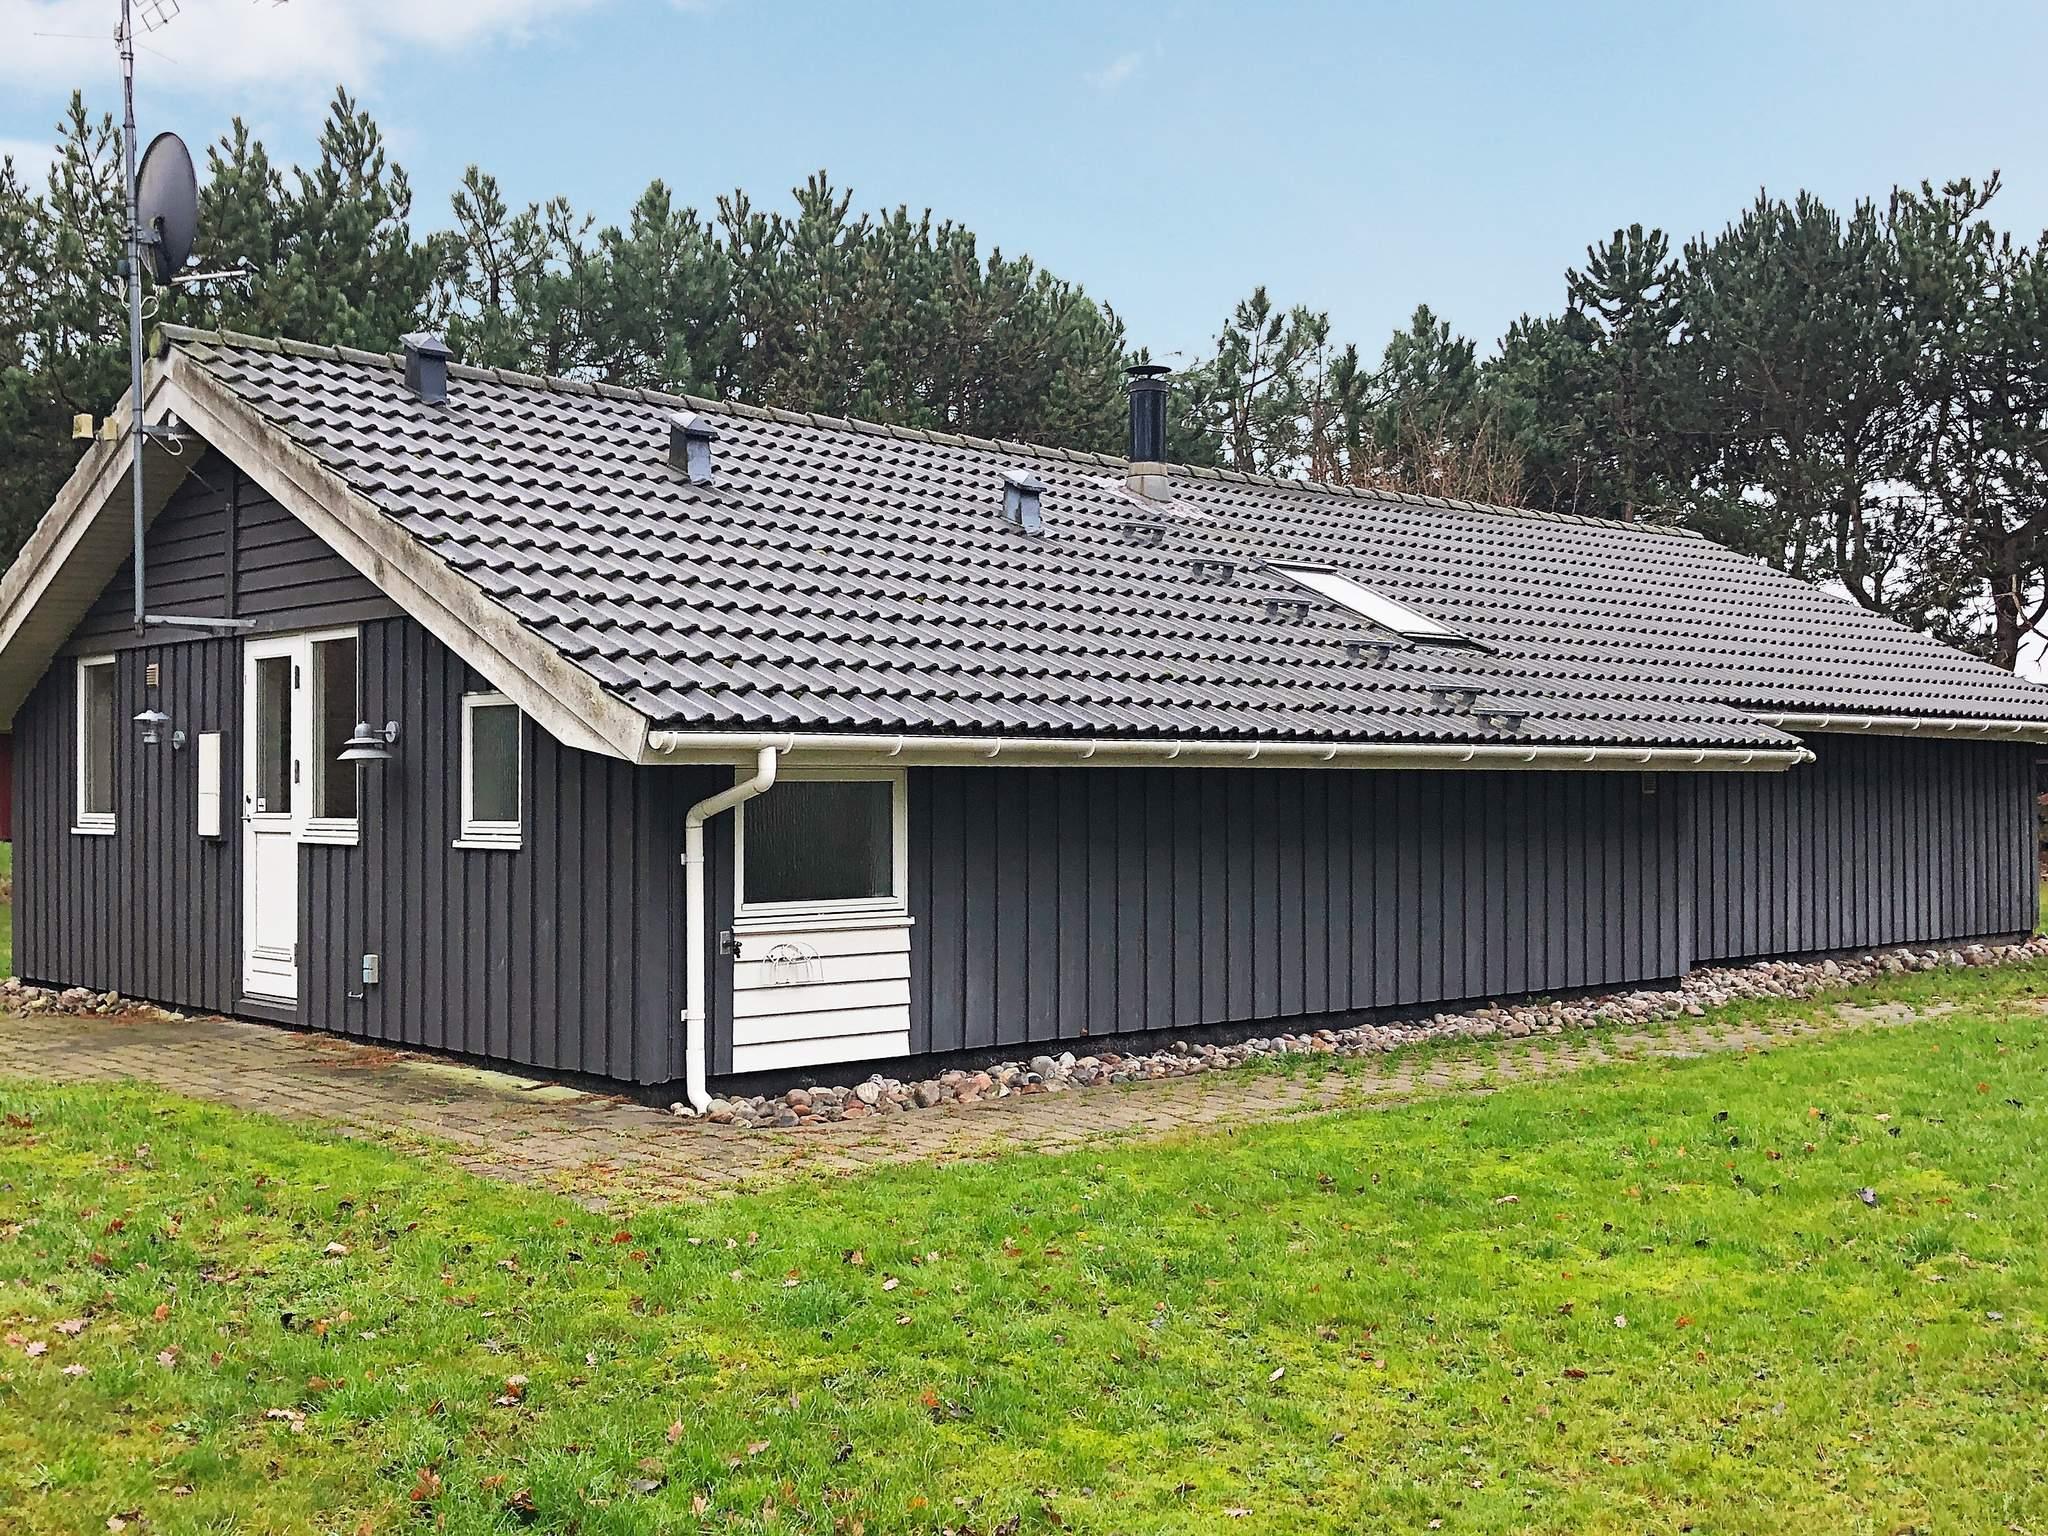 Ferienhaus Udsholt Strand (2523805), Udsholt, , Nordseeland, Dänemark, Bild 1